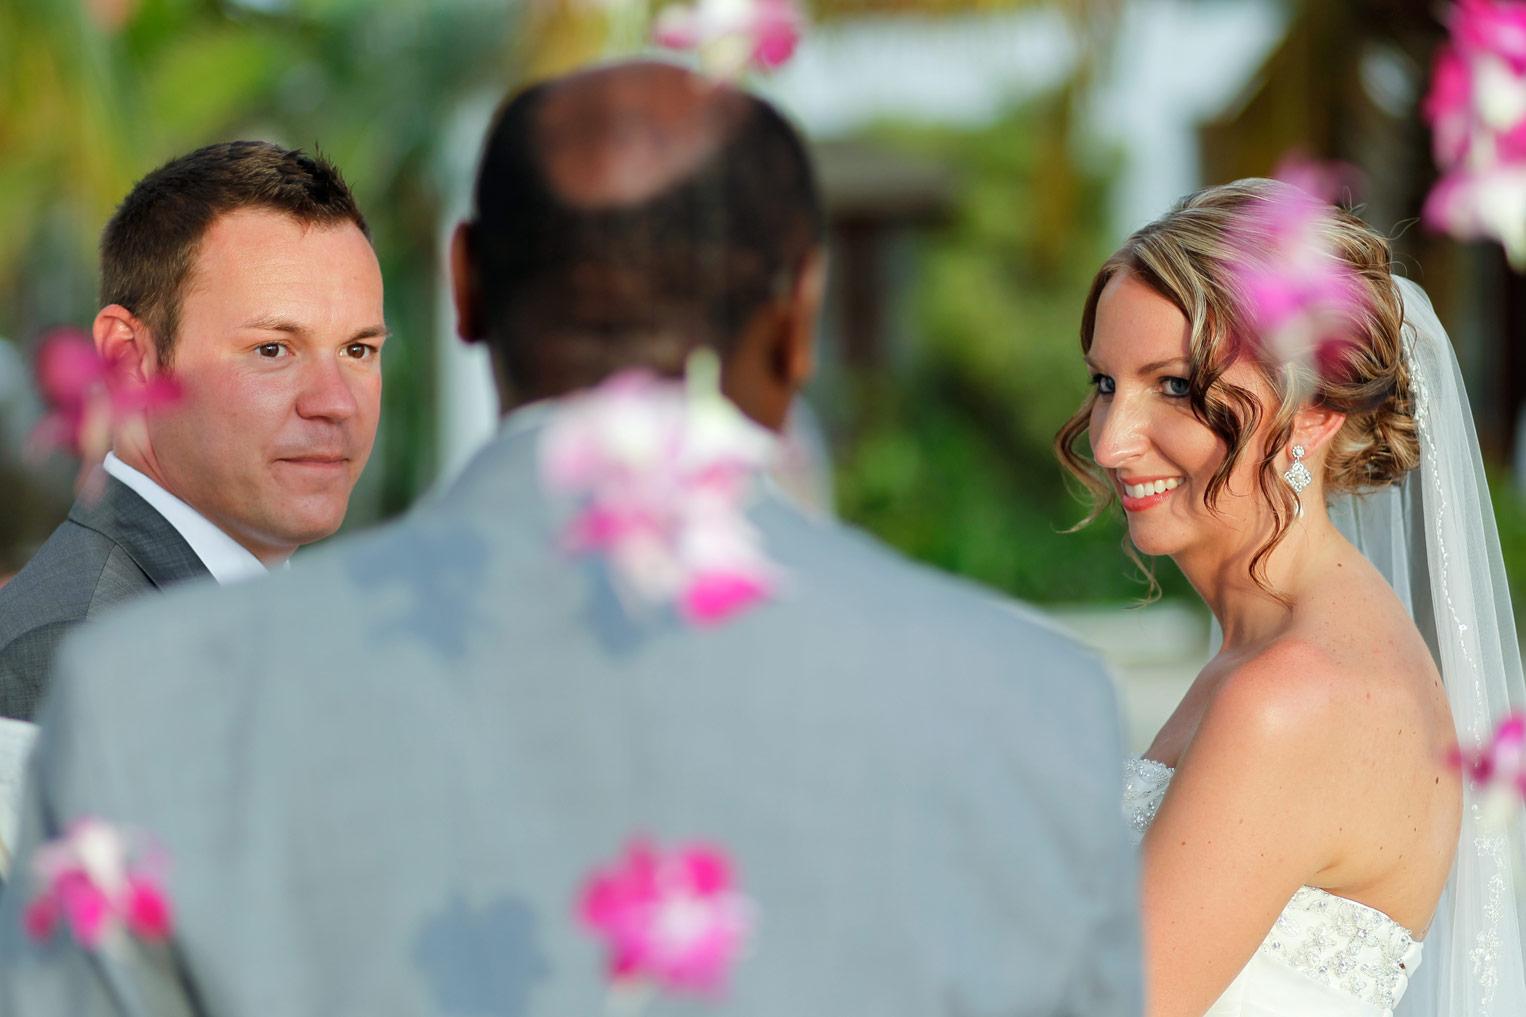 jamaica-milwaukee-destination-wedding-ruthie-hauge-photography-38.jpg